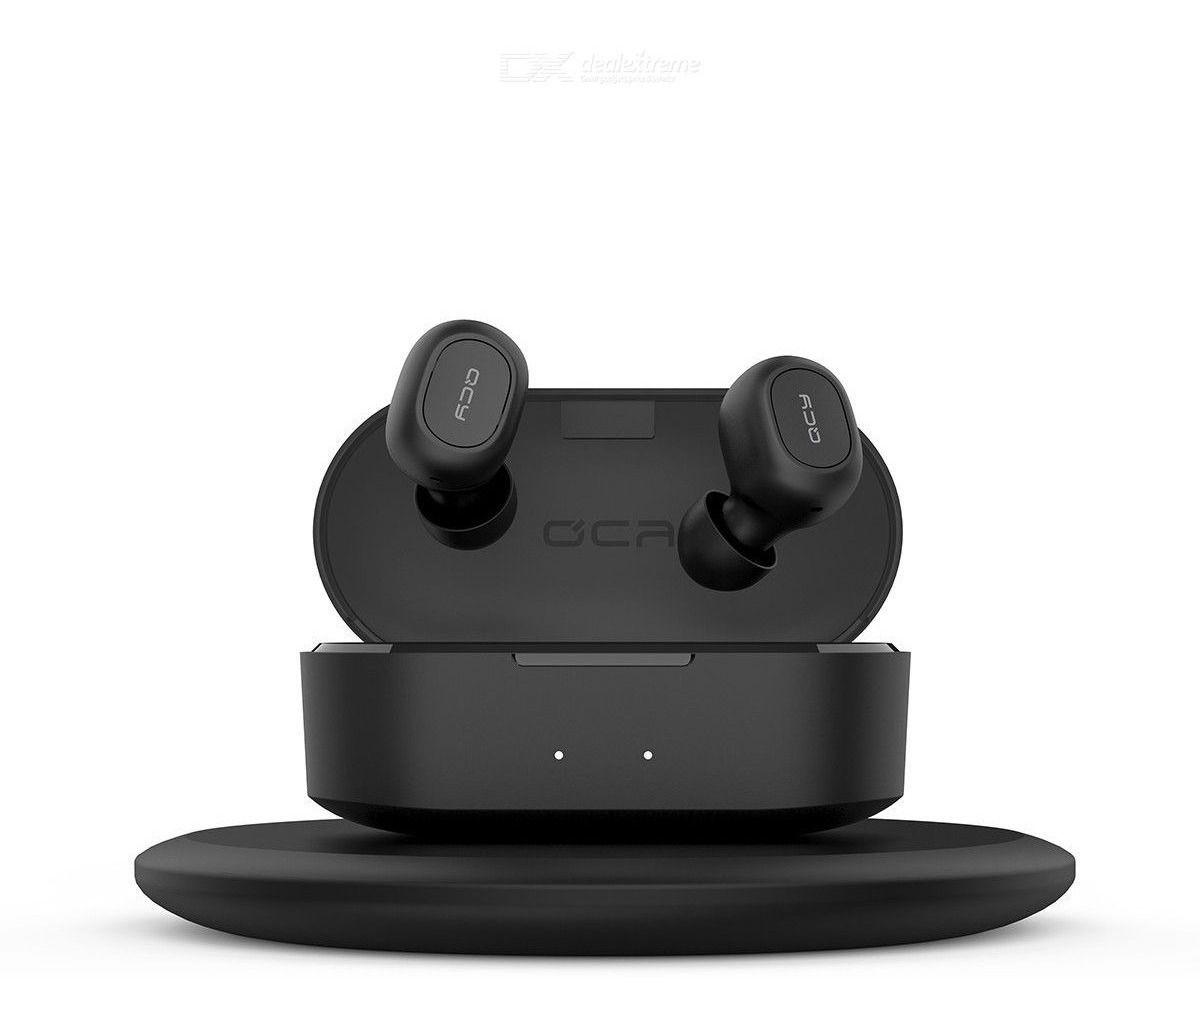 Fone de Ouvido QCY T2S TWS Bluetooth 5.0 com Carregamento sem Fio